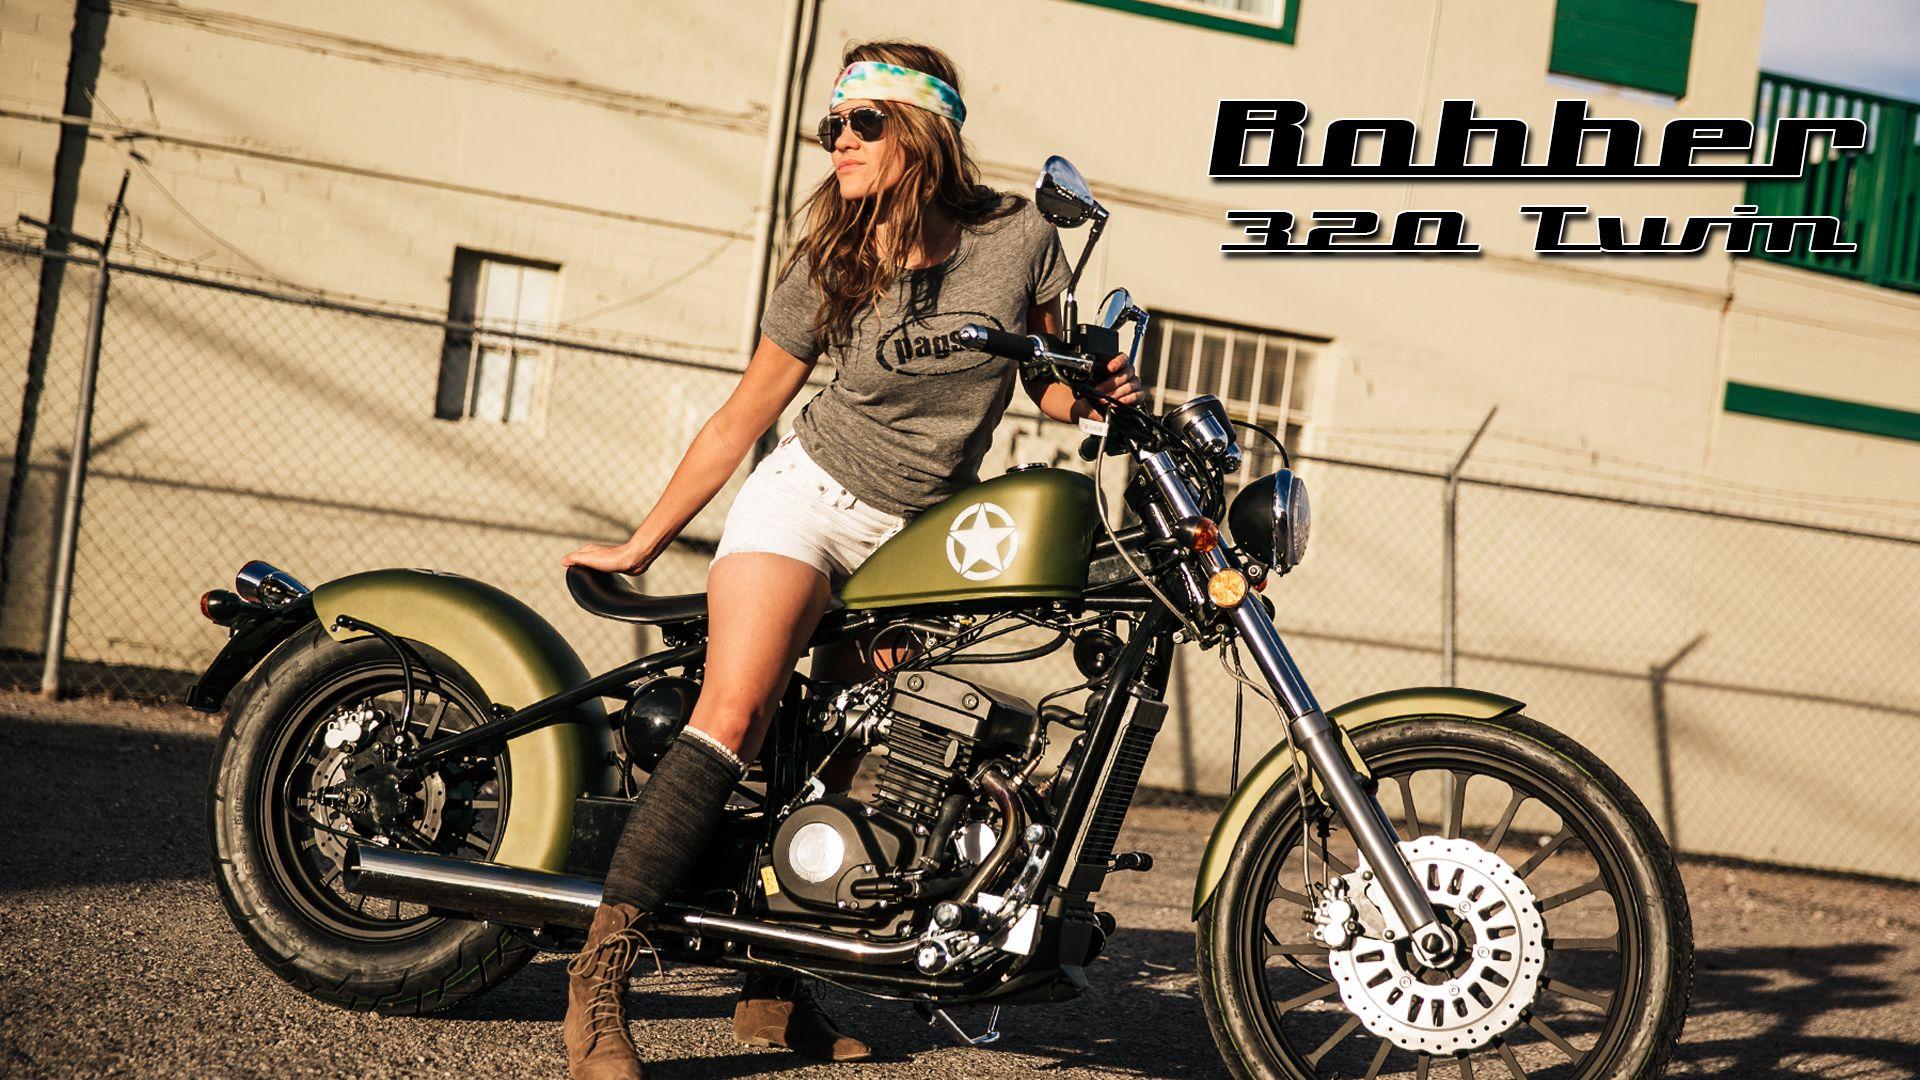 2003 Pagsta Motorcycles | Reviewmotors co